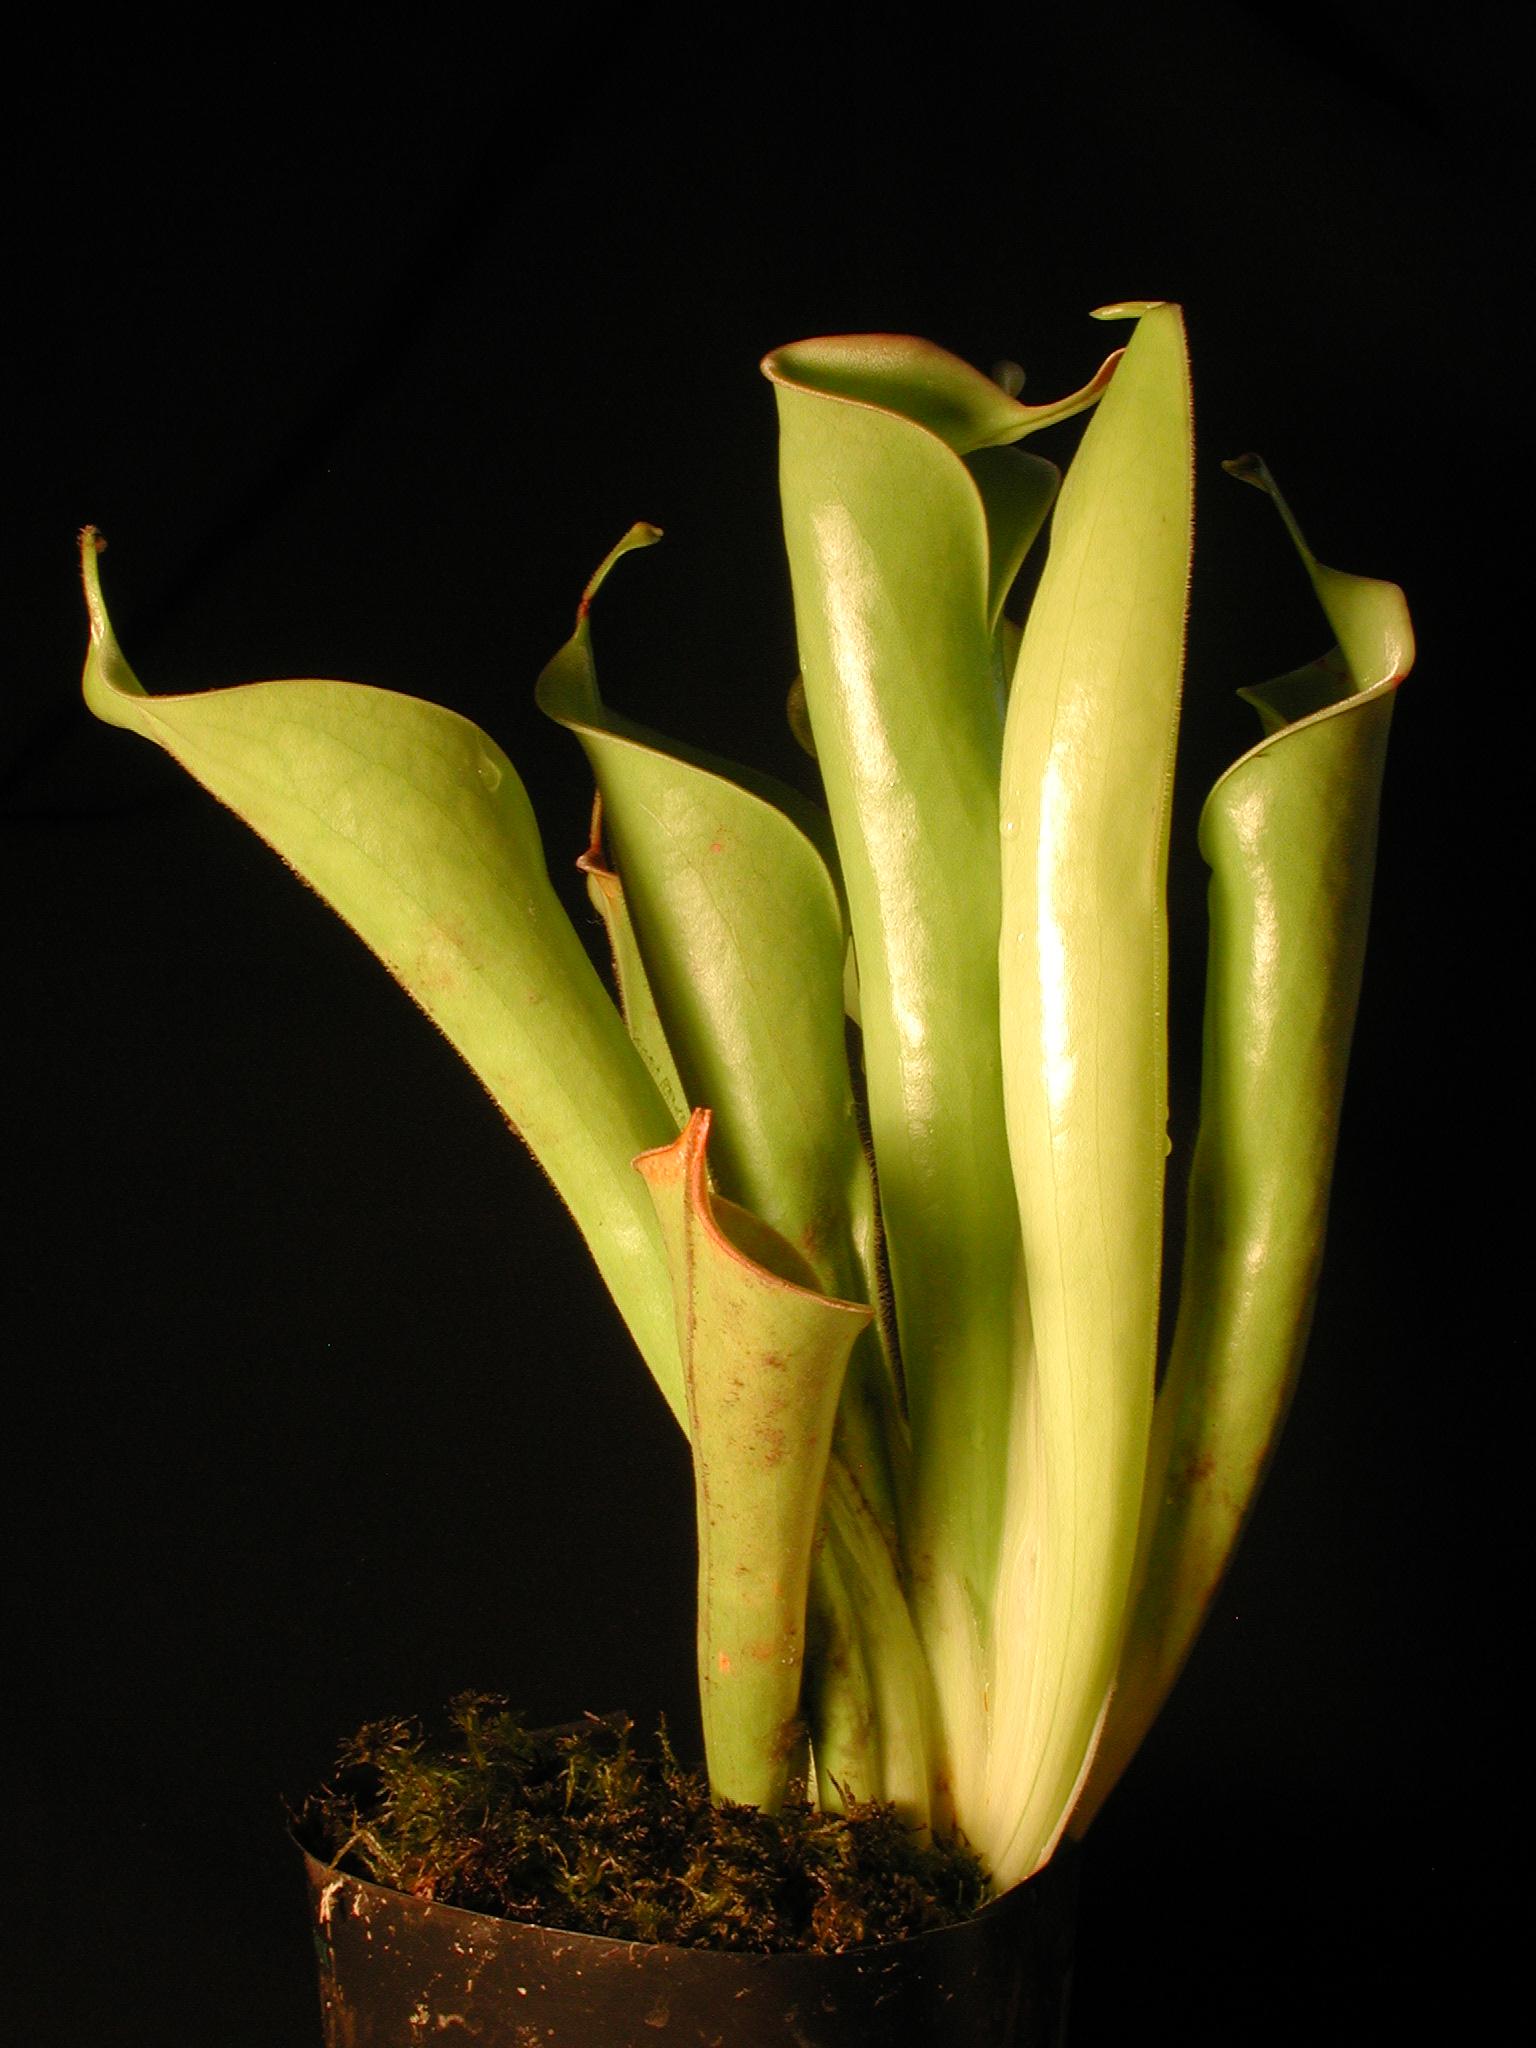 heliamphora tatei.jpg